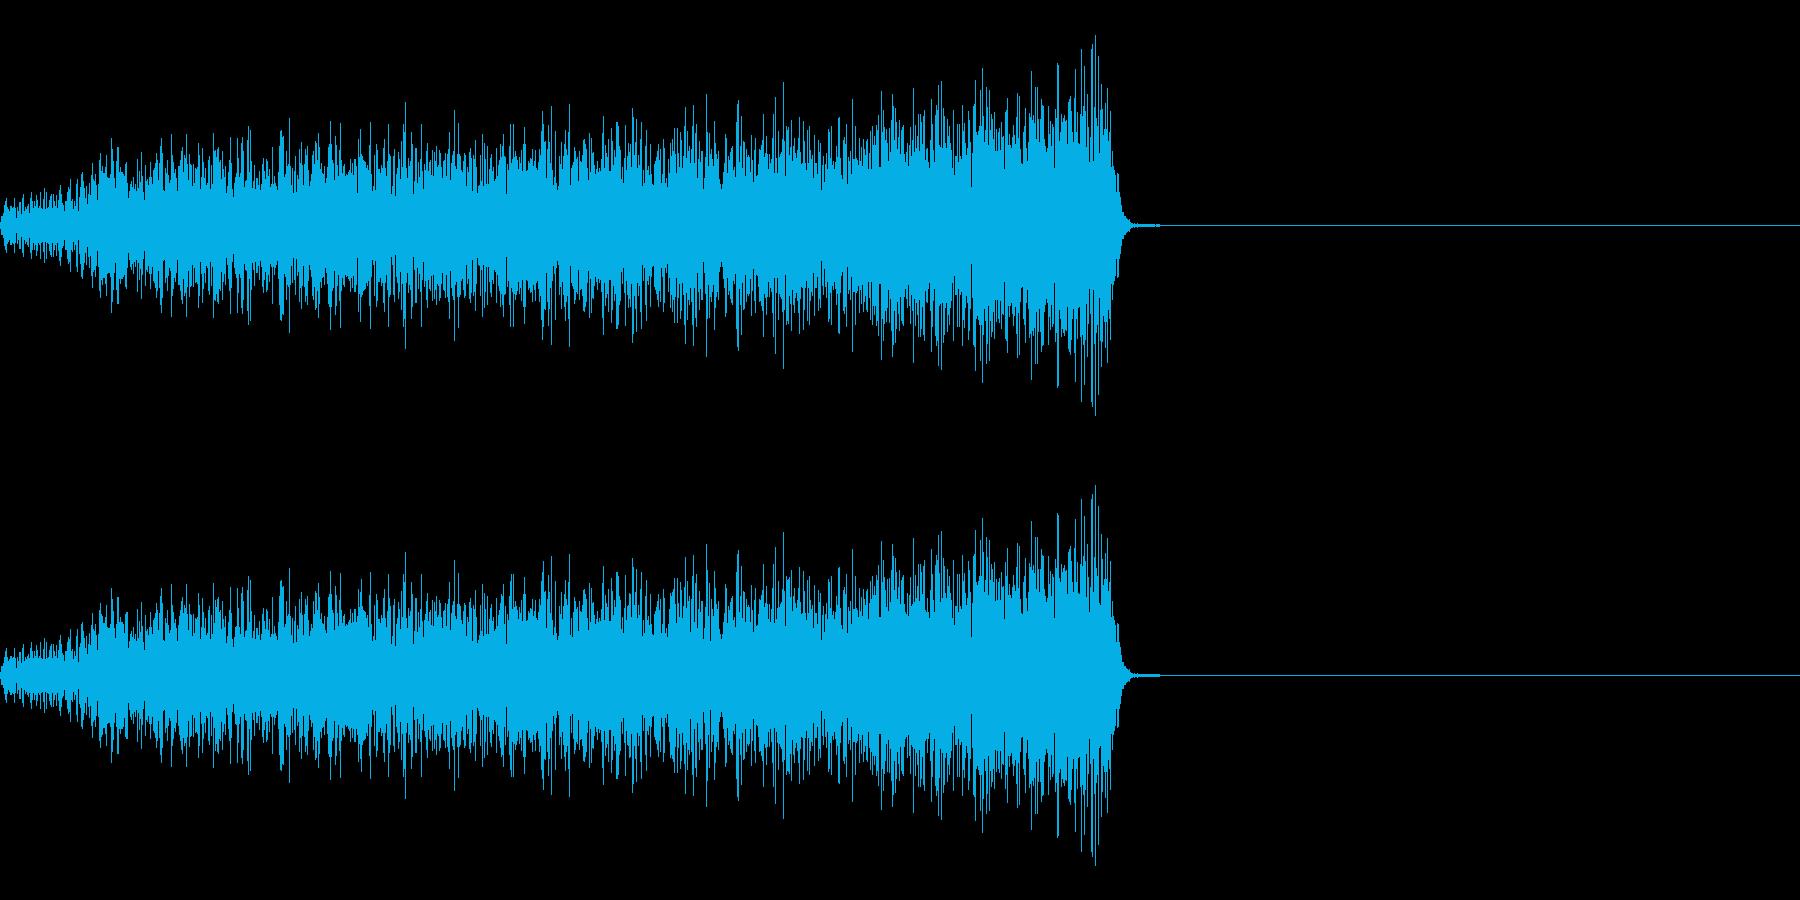 「シュー」という感じのノイズサウンドで…の再生済みの波形